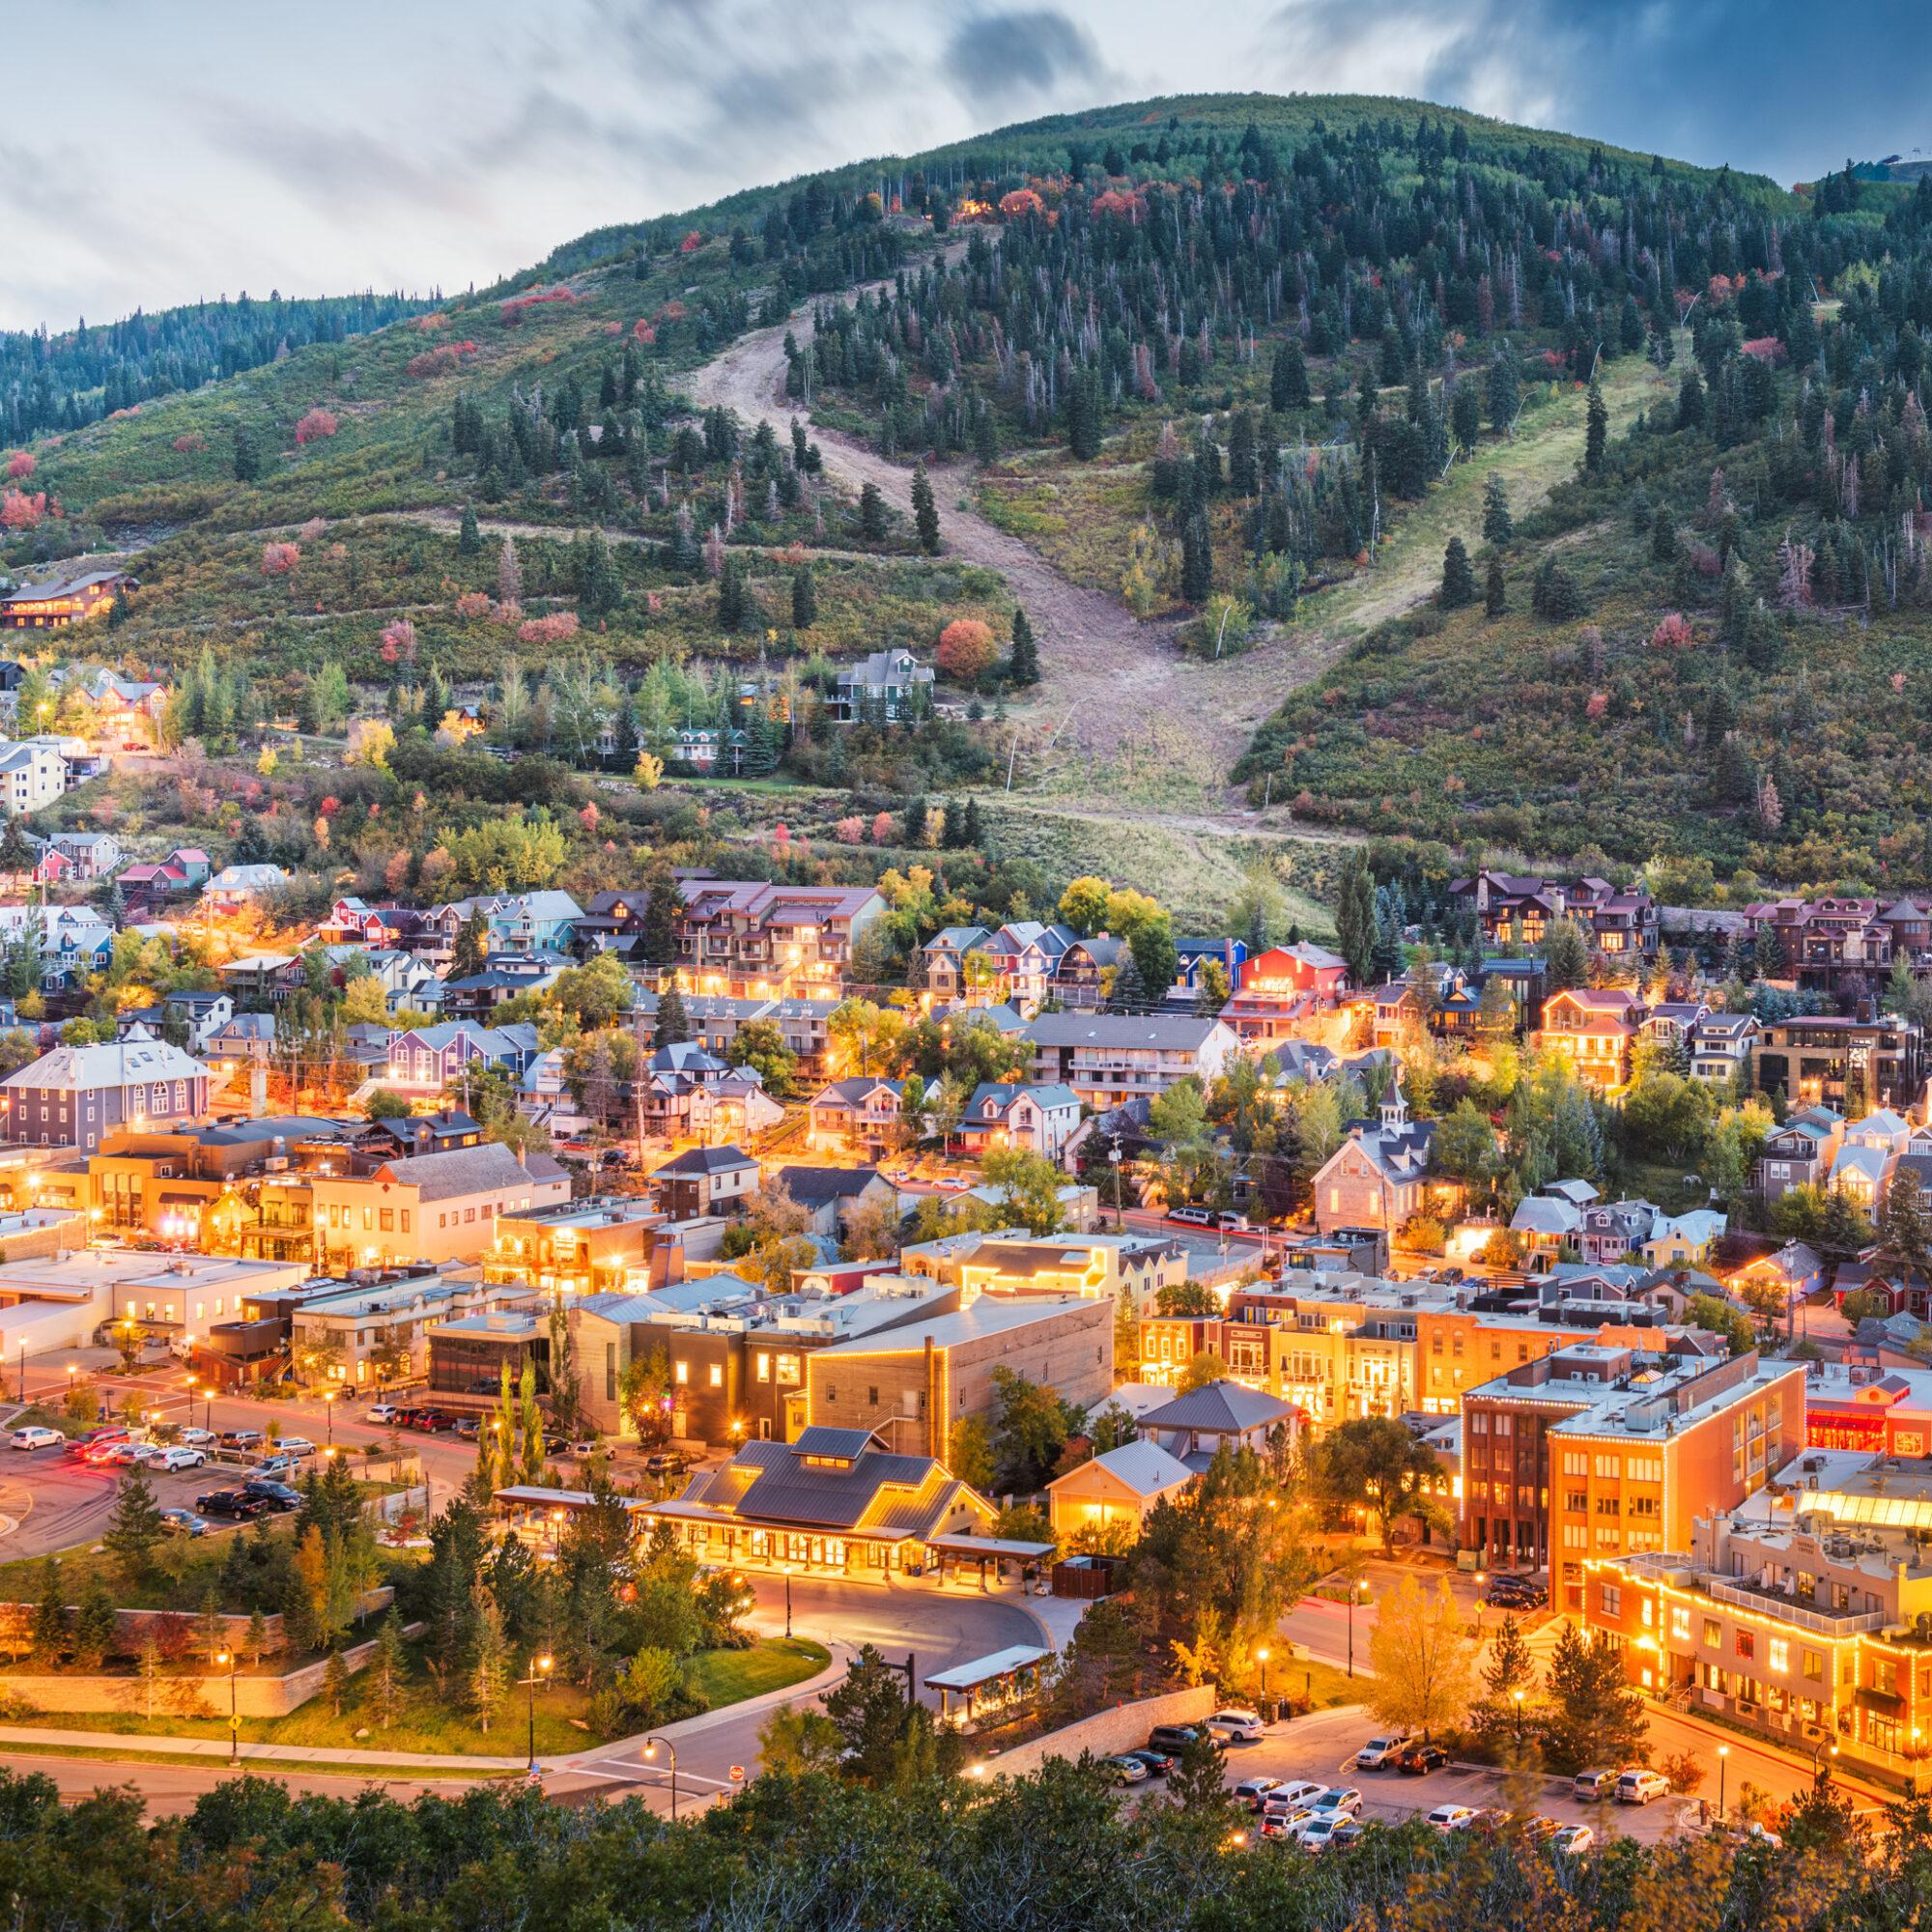 Aerial view of Park City, Utah.